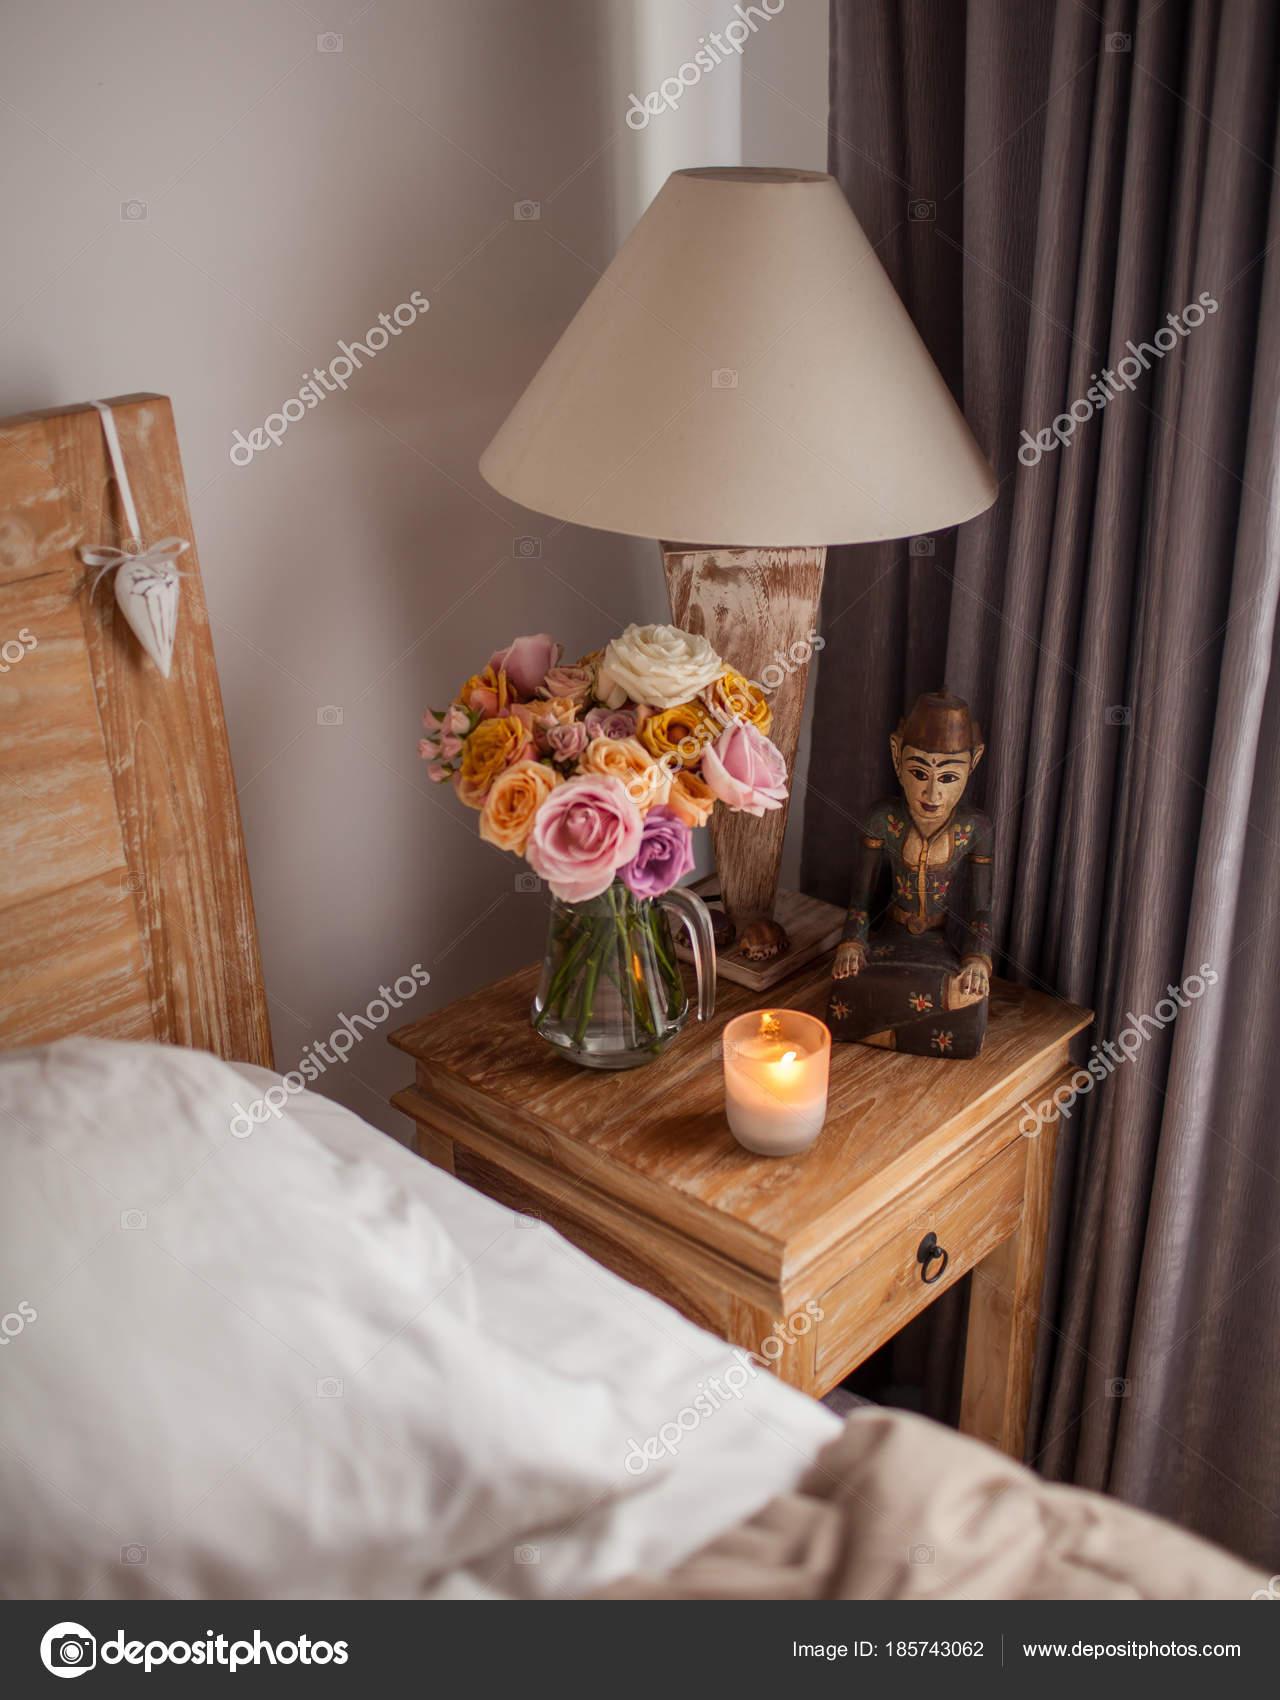 Ein Nachttisch Neben Dem Bett Mit Einer Lampe, Ein Blumenstrauß Aus Rosen,  Kerzen Und Handcreme U2014 Foto Von April_89